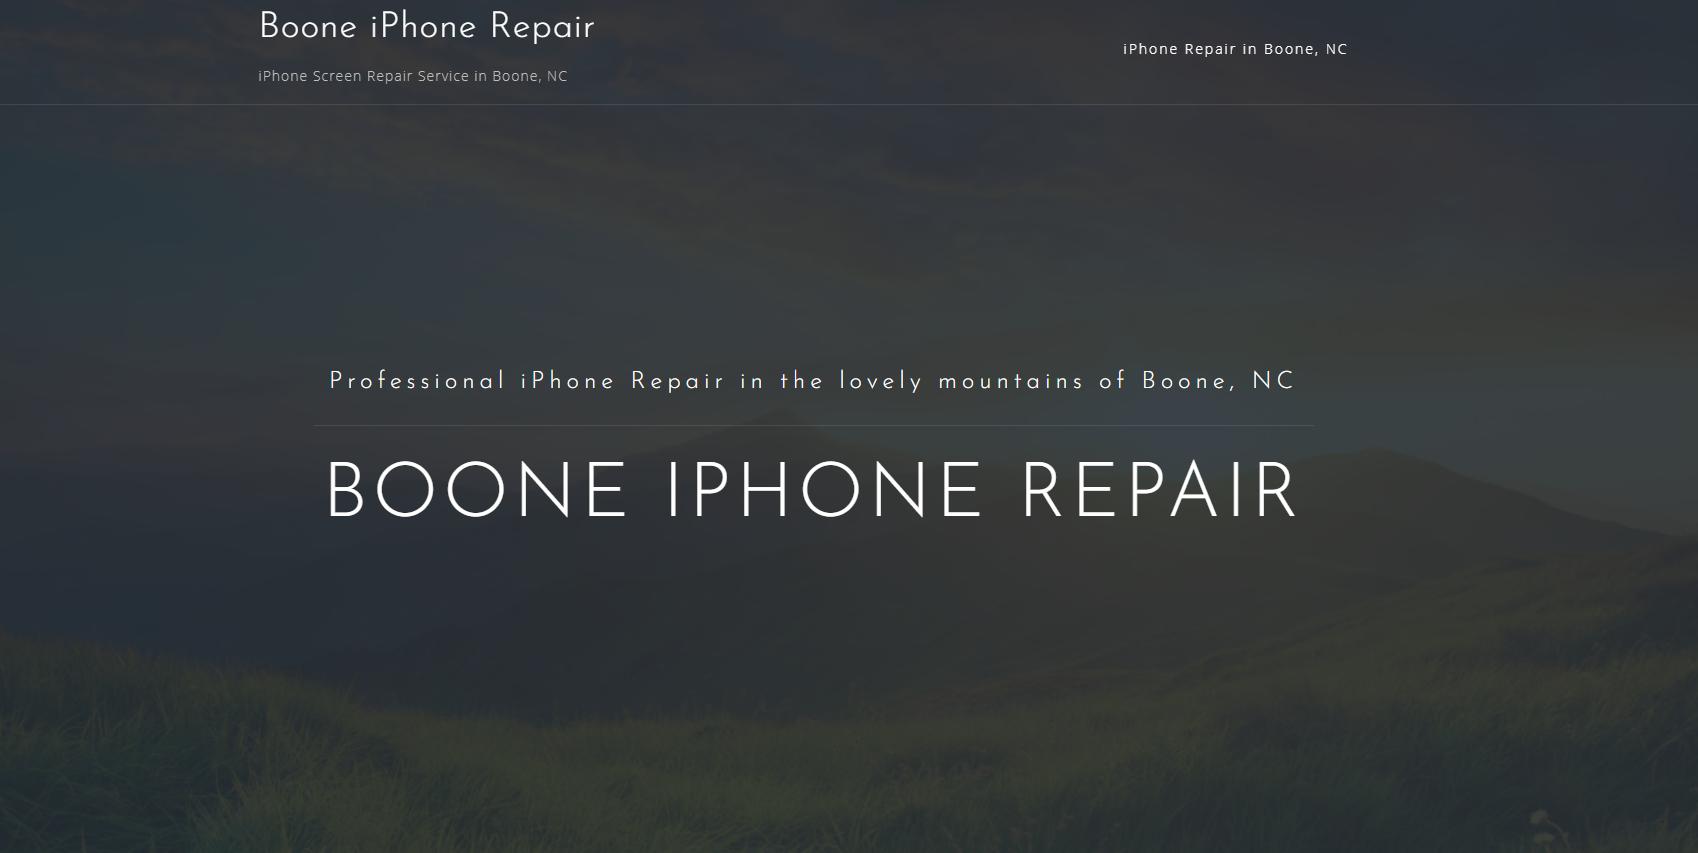 Boone iphone repair